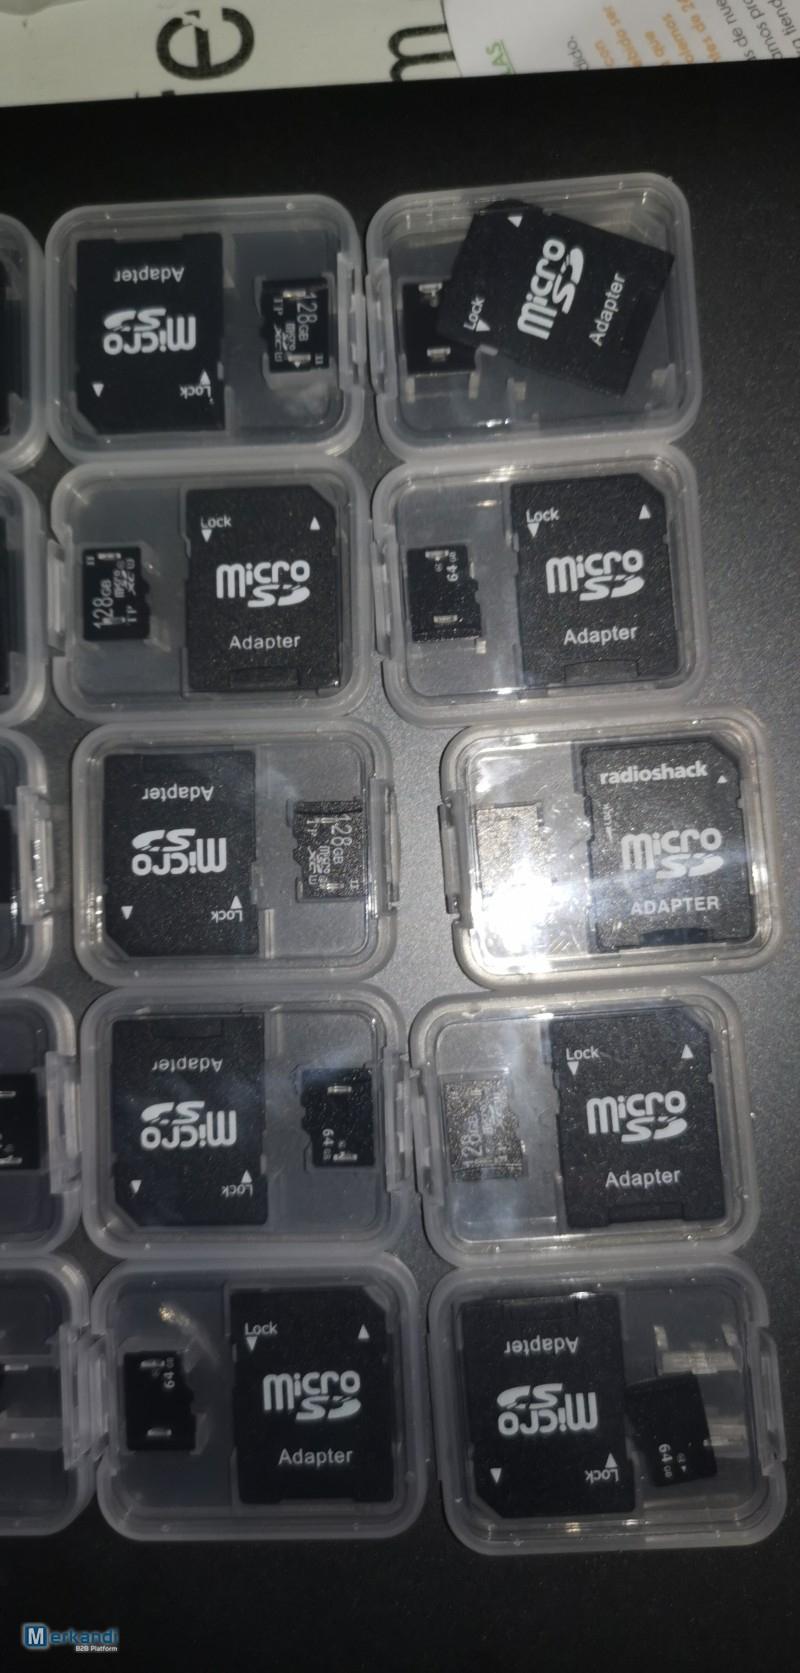 Carte Mémoire Micro Sd Et La Carte Mémoire De 64 Go / 128 Go dedans Carte Memoire Tablette